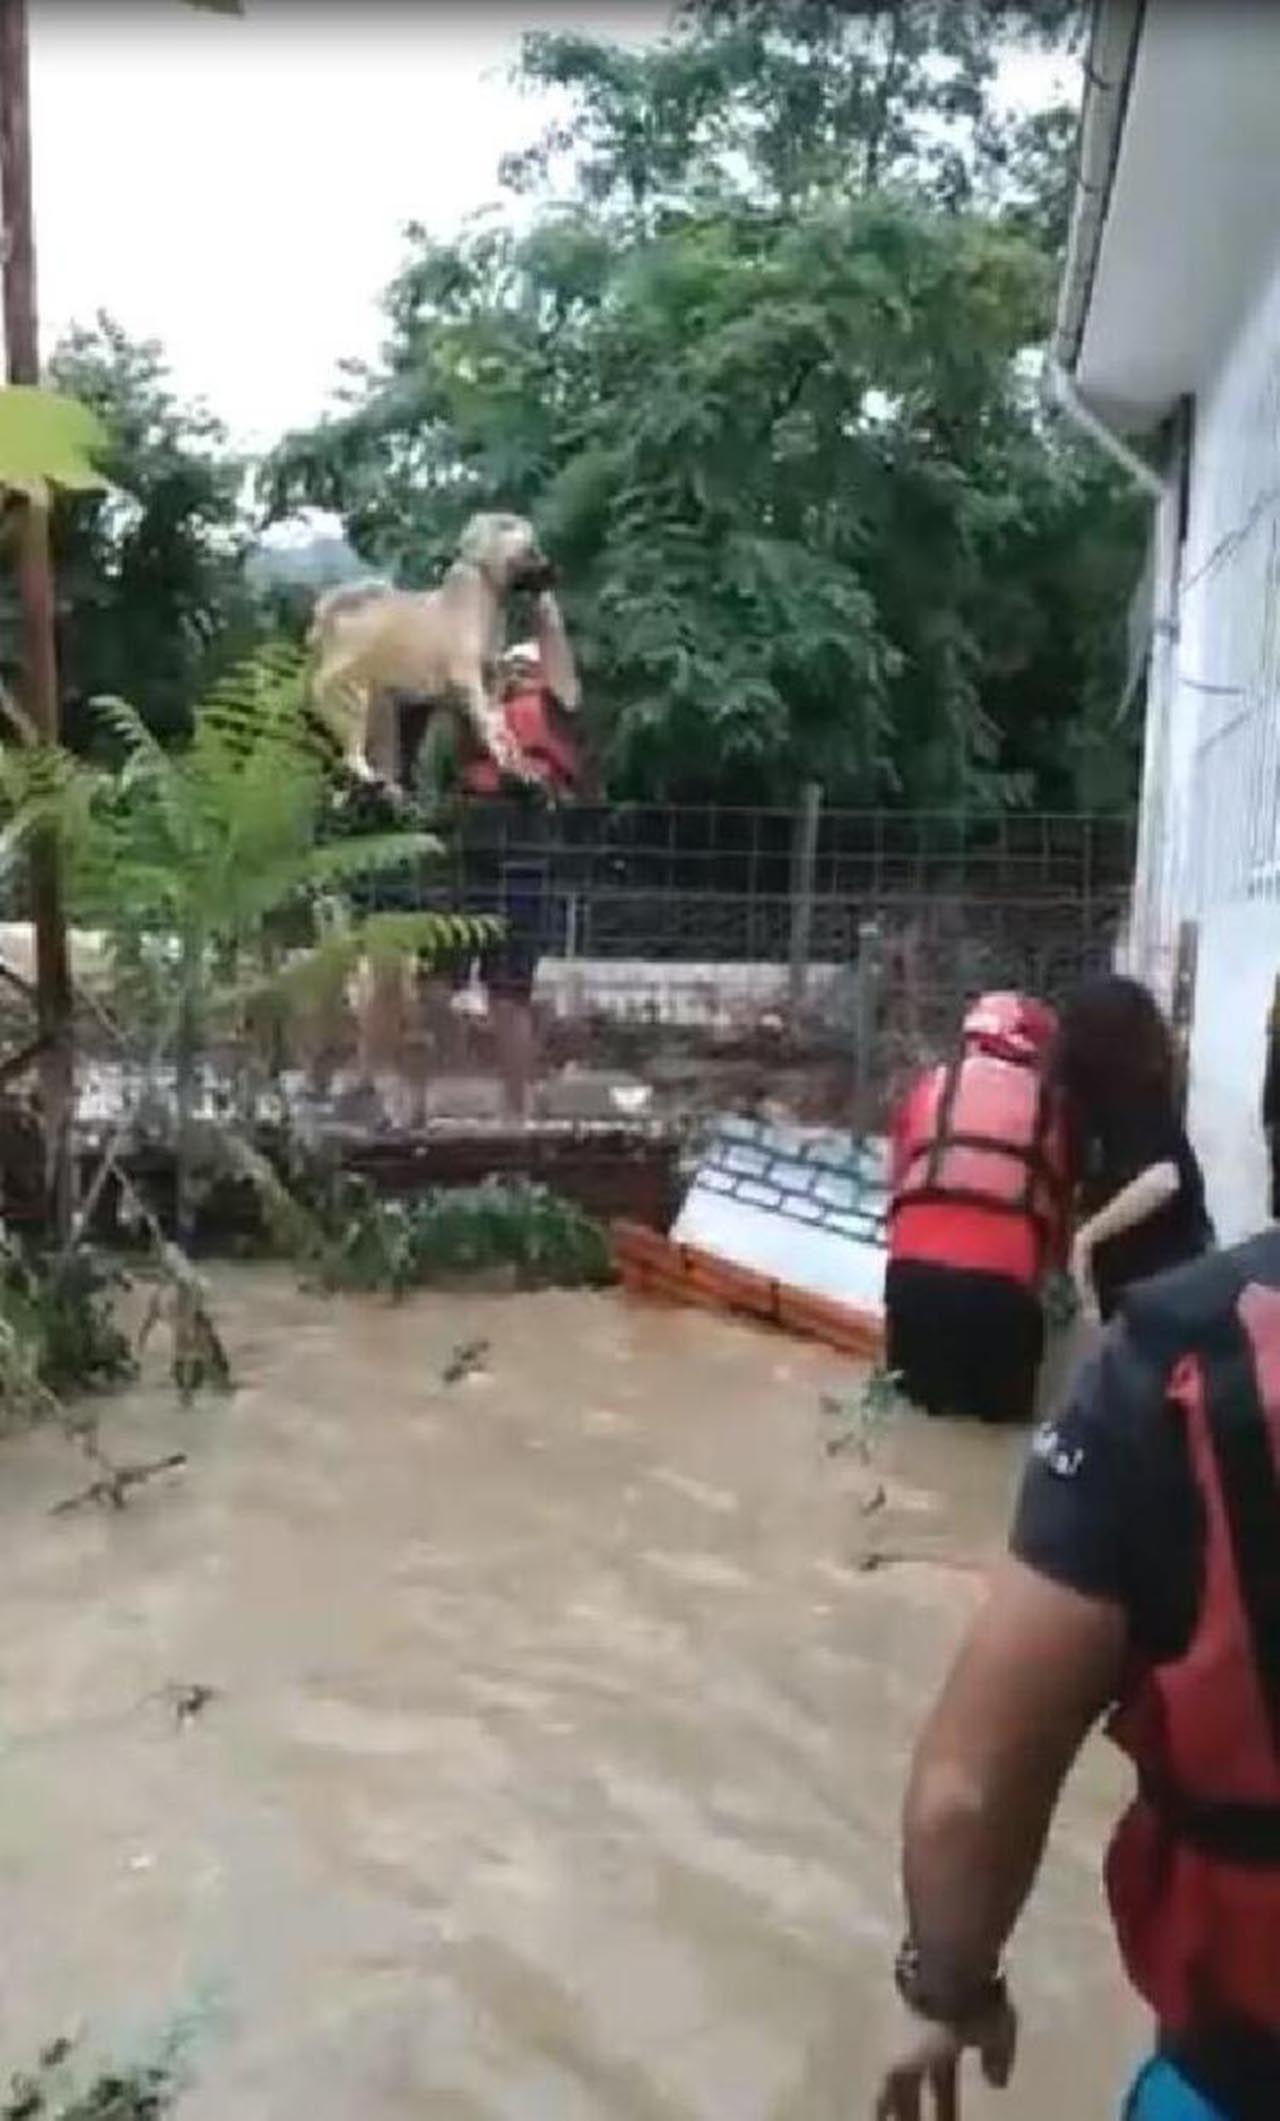 Artvin'deki sel felaketinden yeni görüntü! Gözyaşlarına boğuldu - Resim: 4